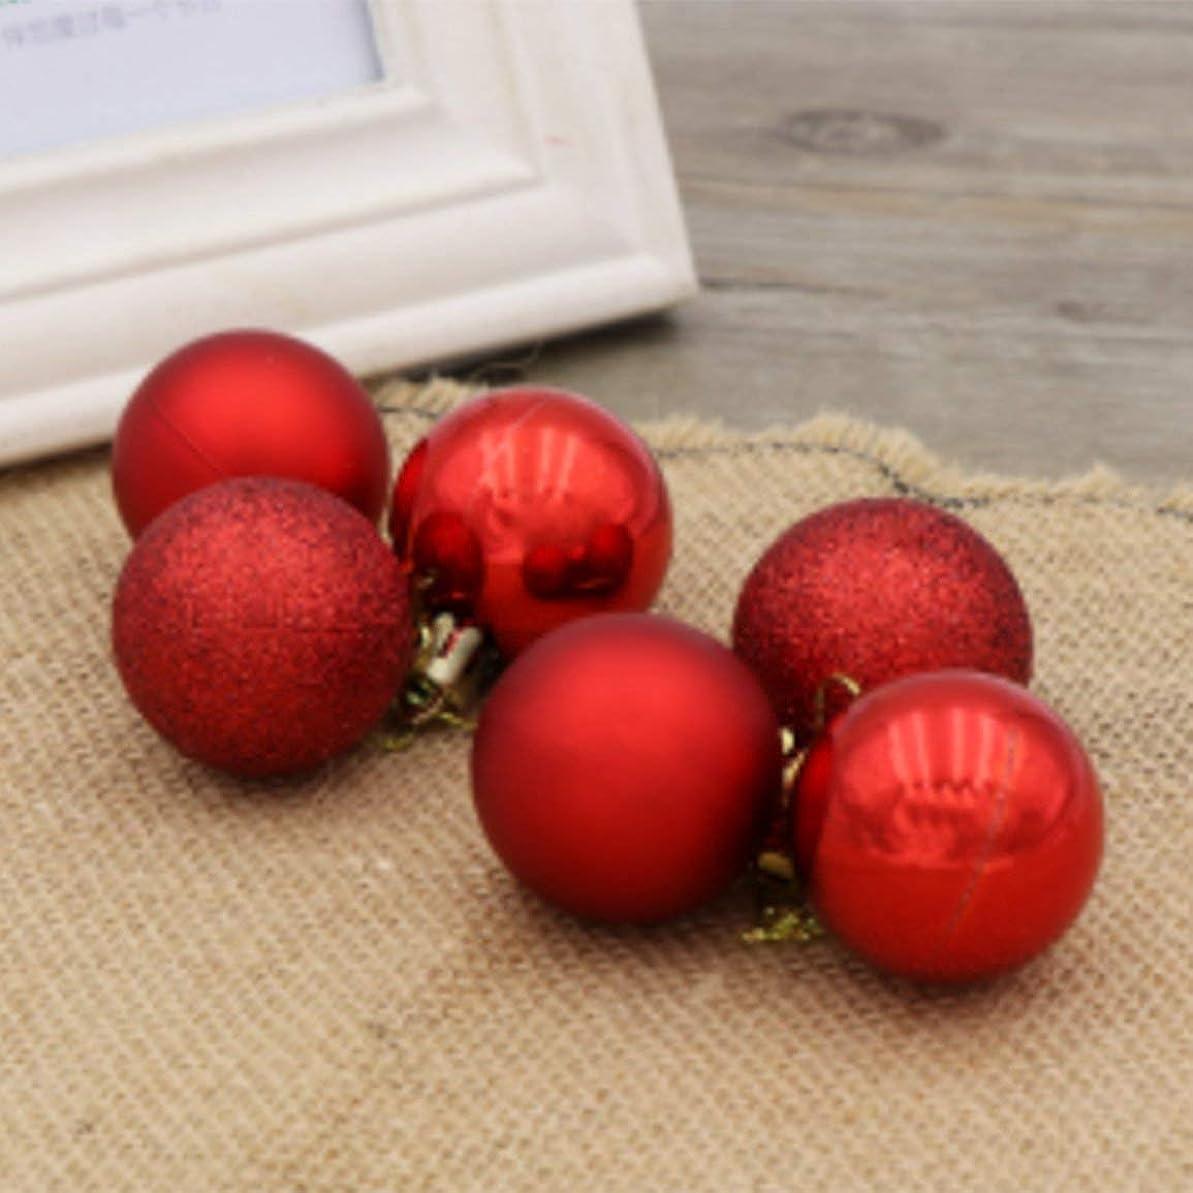 急襲パン階下24pcsクリスマスデコレーションボール3cm / 4cm / 6cm / 8cm / 10cmバレルカラーボールプラスチックメッキボールクリスマスツリーデコレーション-